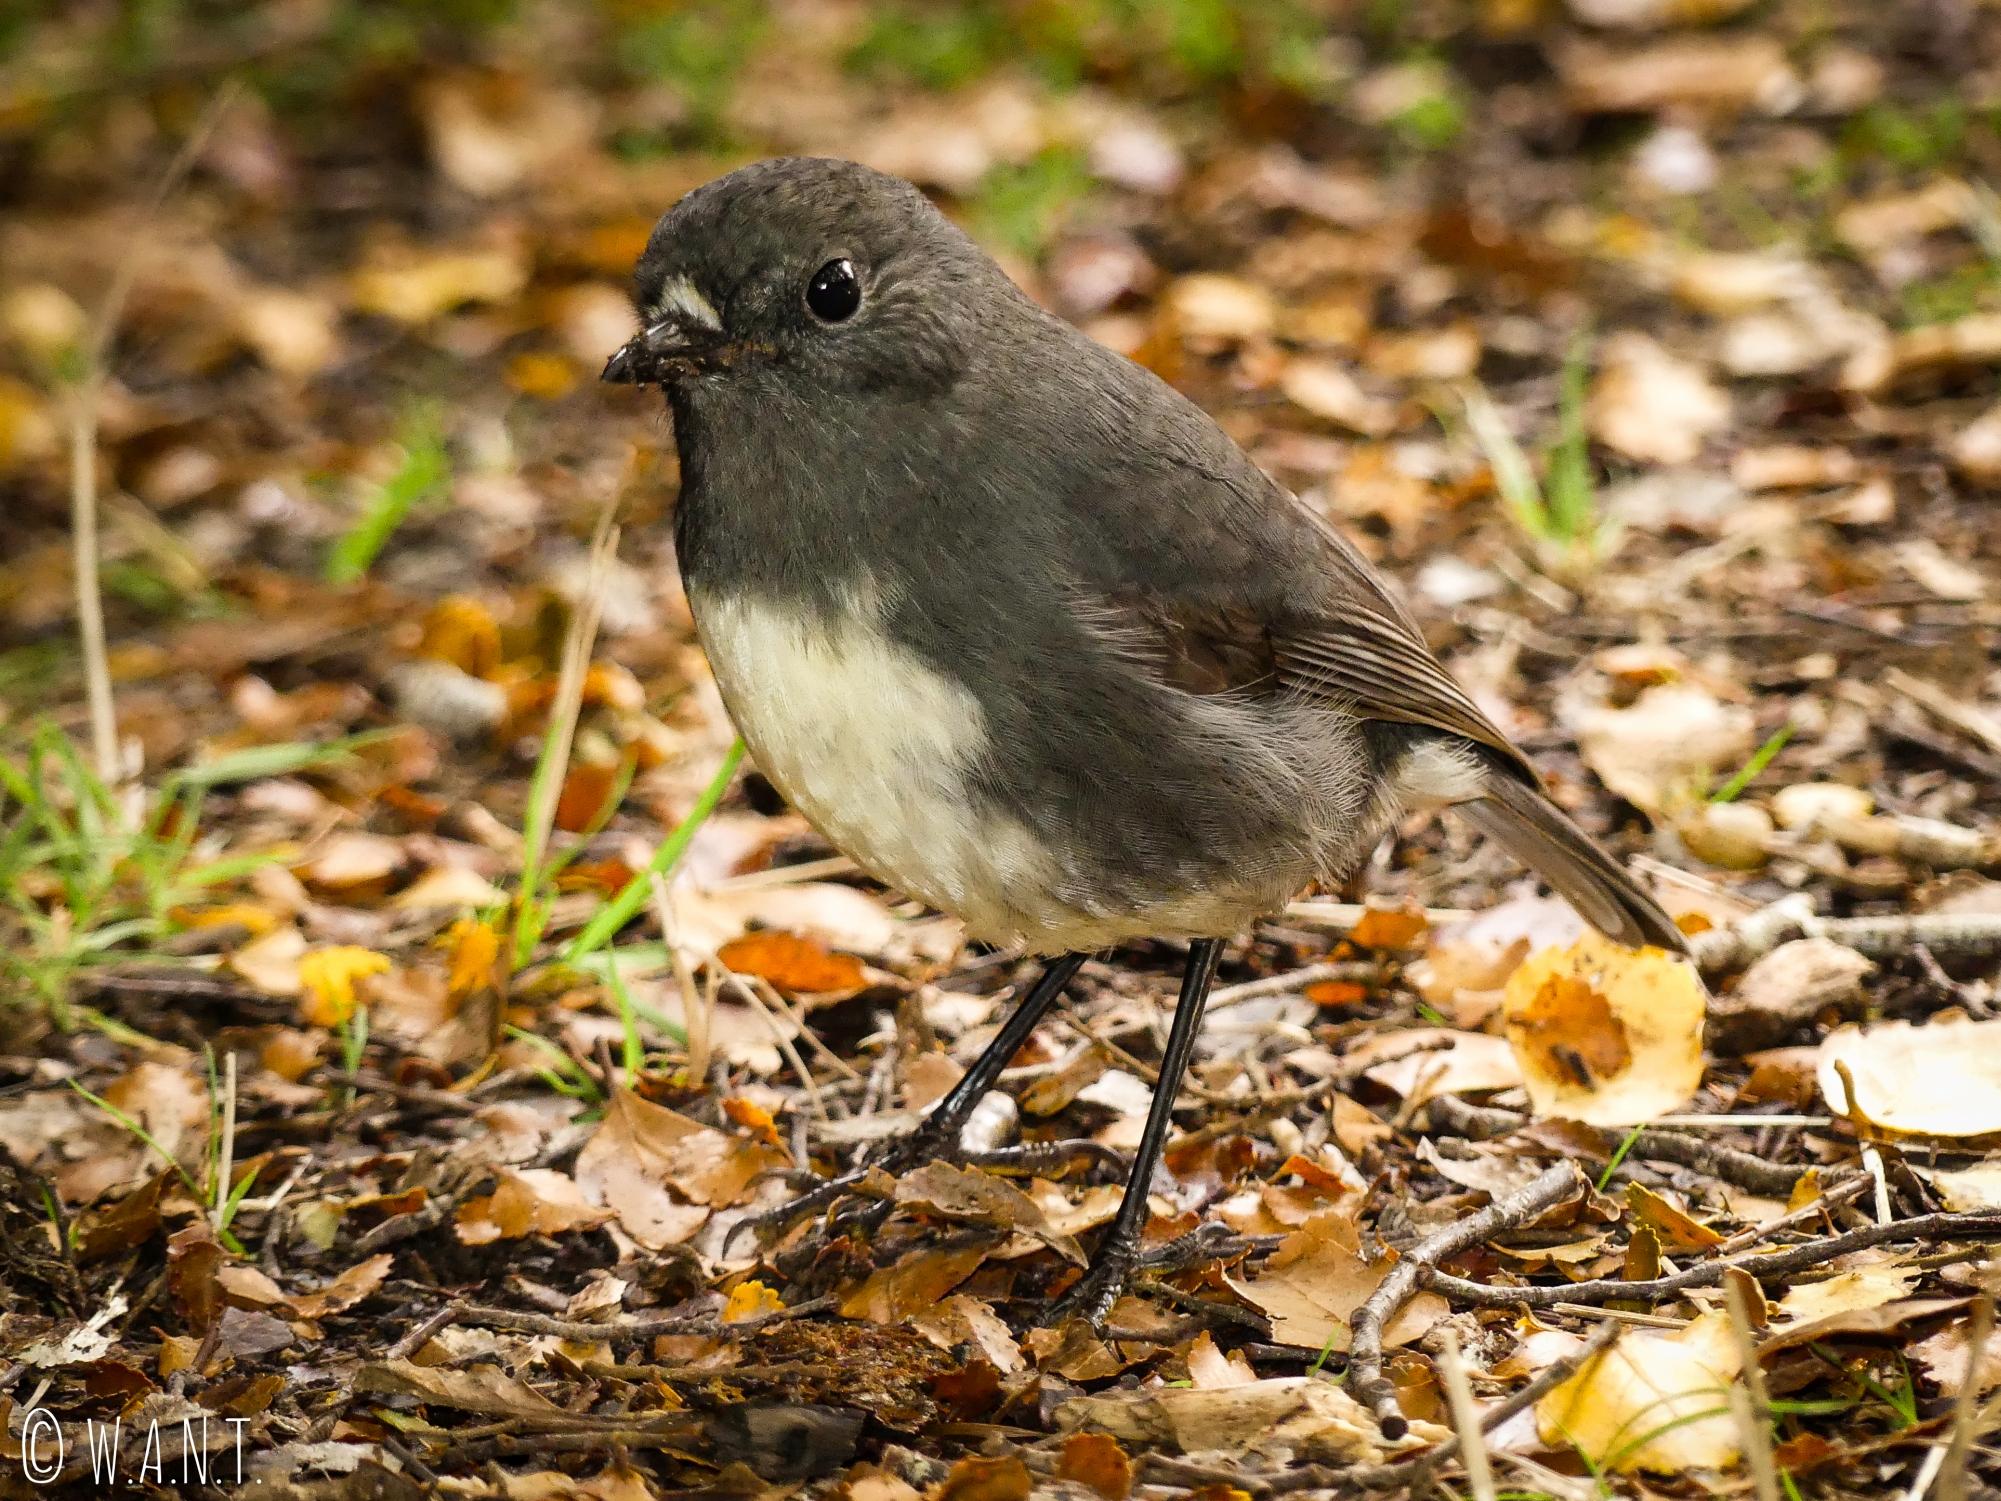 Nous rencontrons de nombreux oiseaux lors de notre promenade à Te Anau en Nouvelle-Zélande